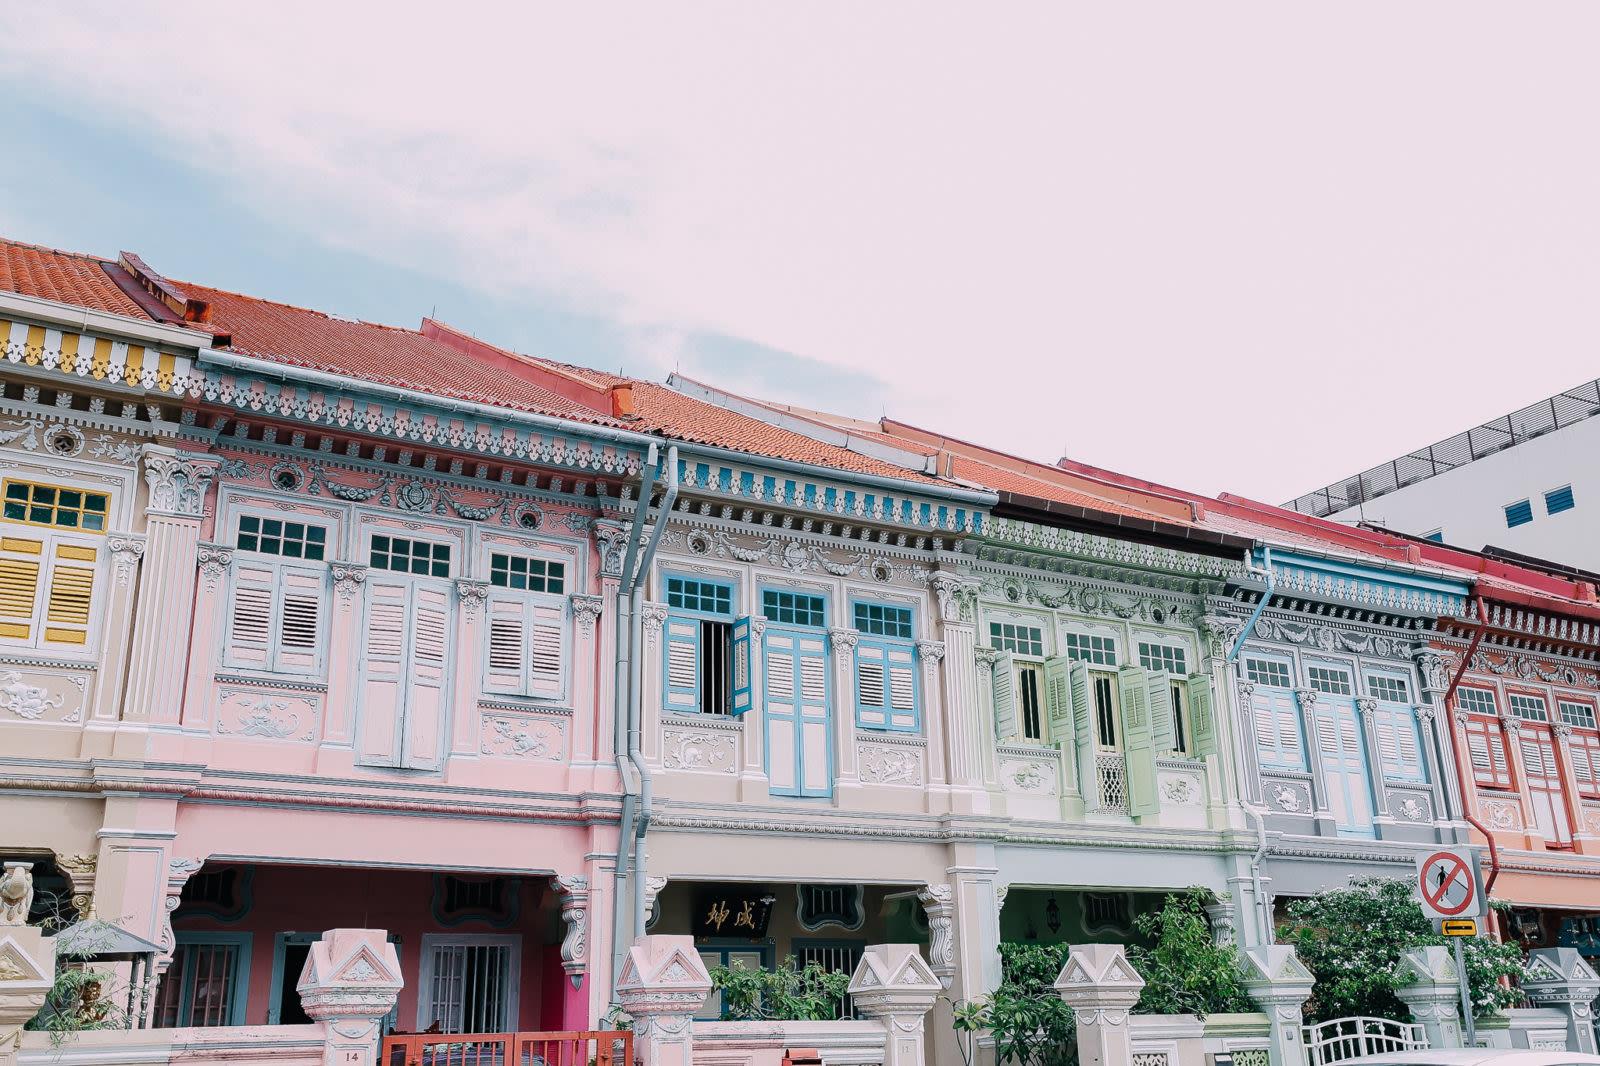 joo chiat là một trong 5 khu văn hóa mới ở singapore